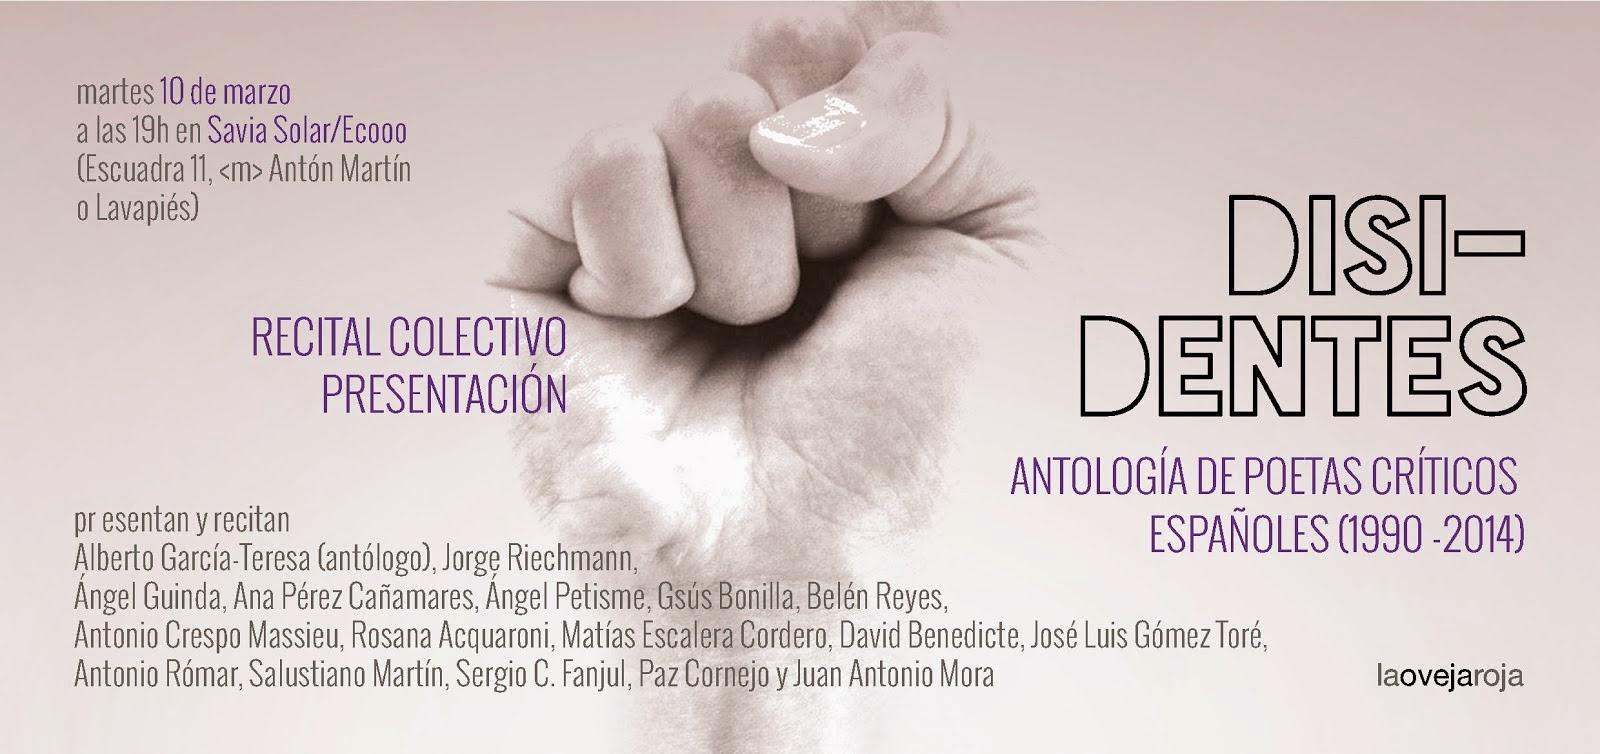 Presentación de Disidentes. Antología de poesía crítica